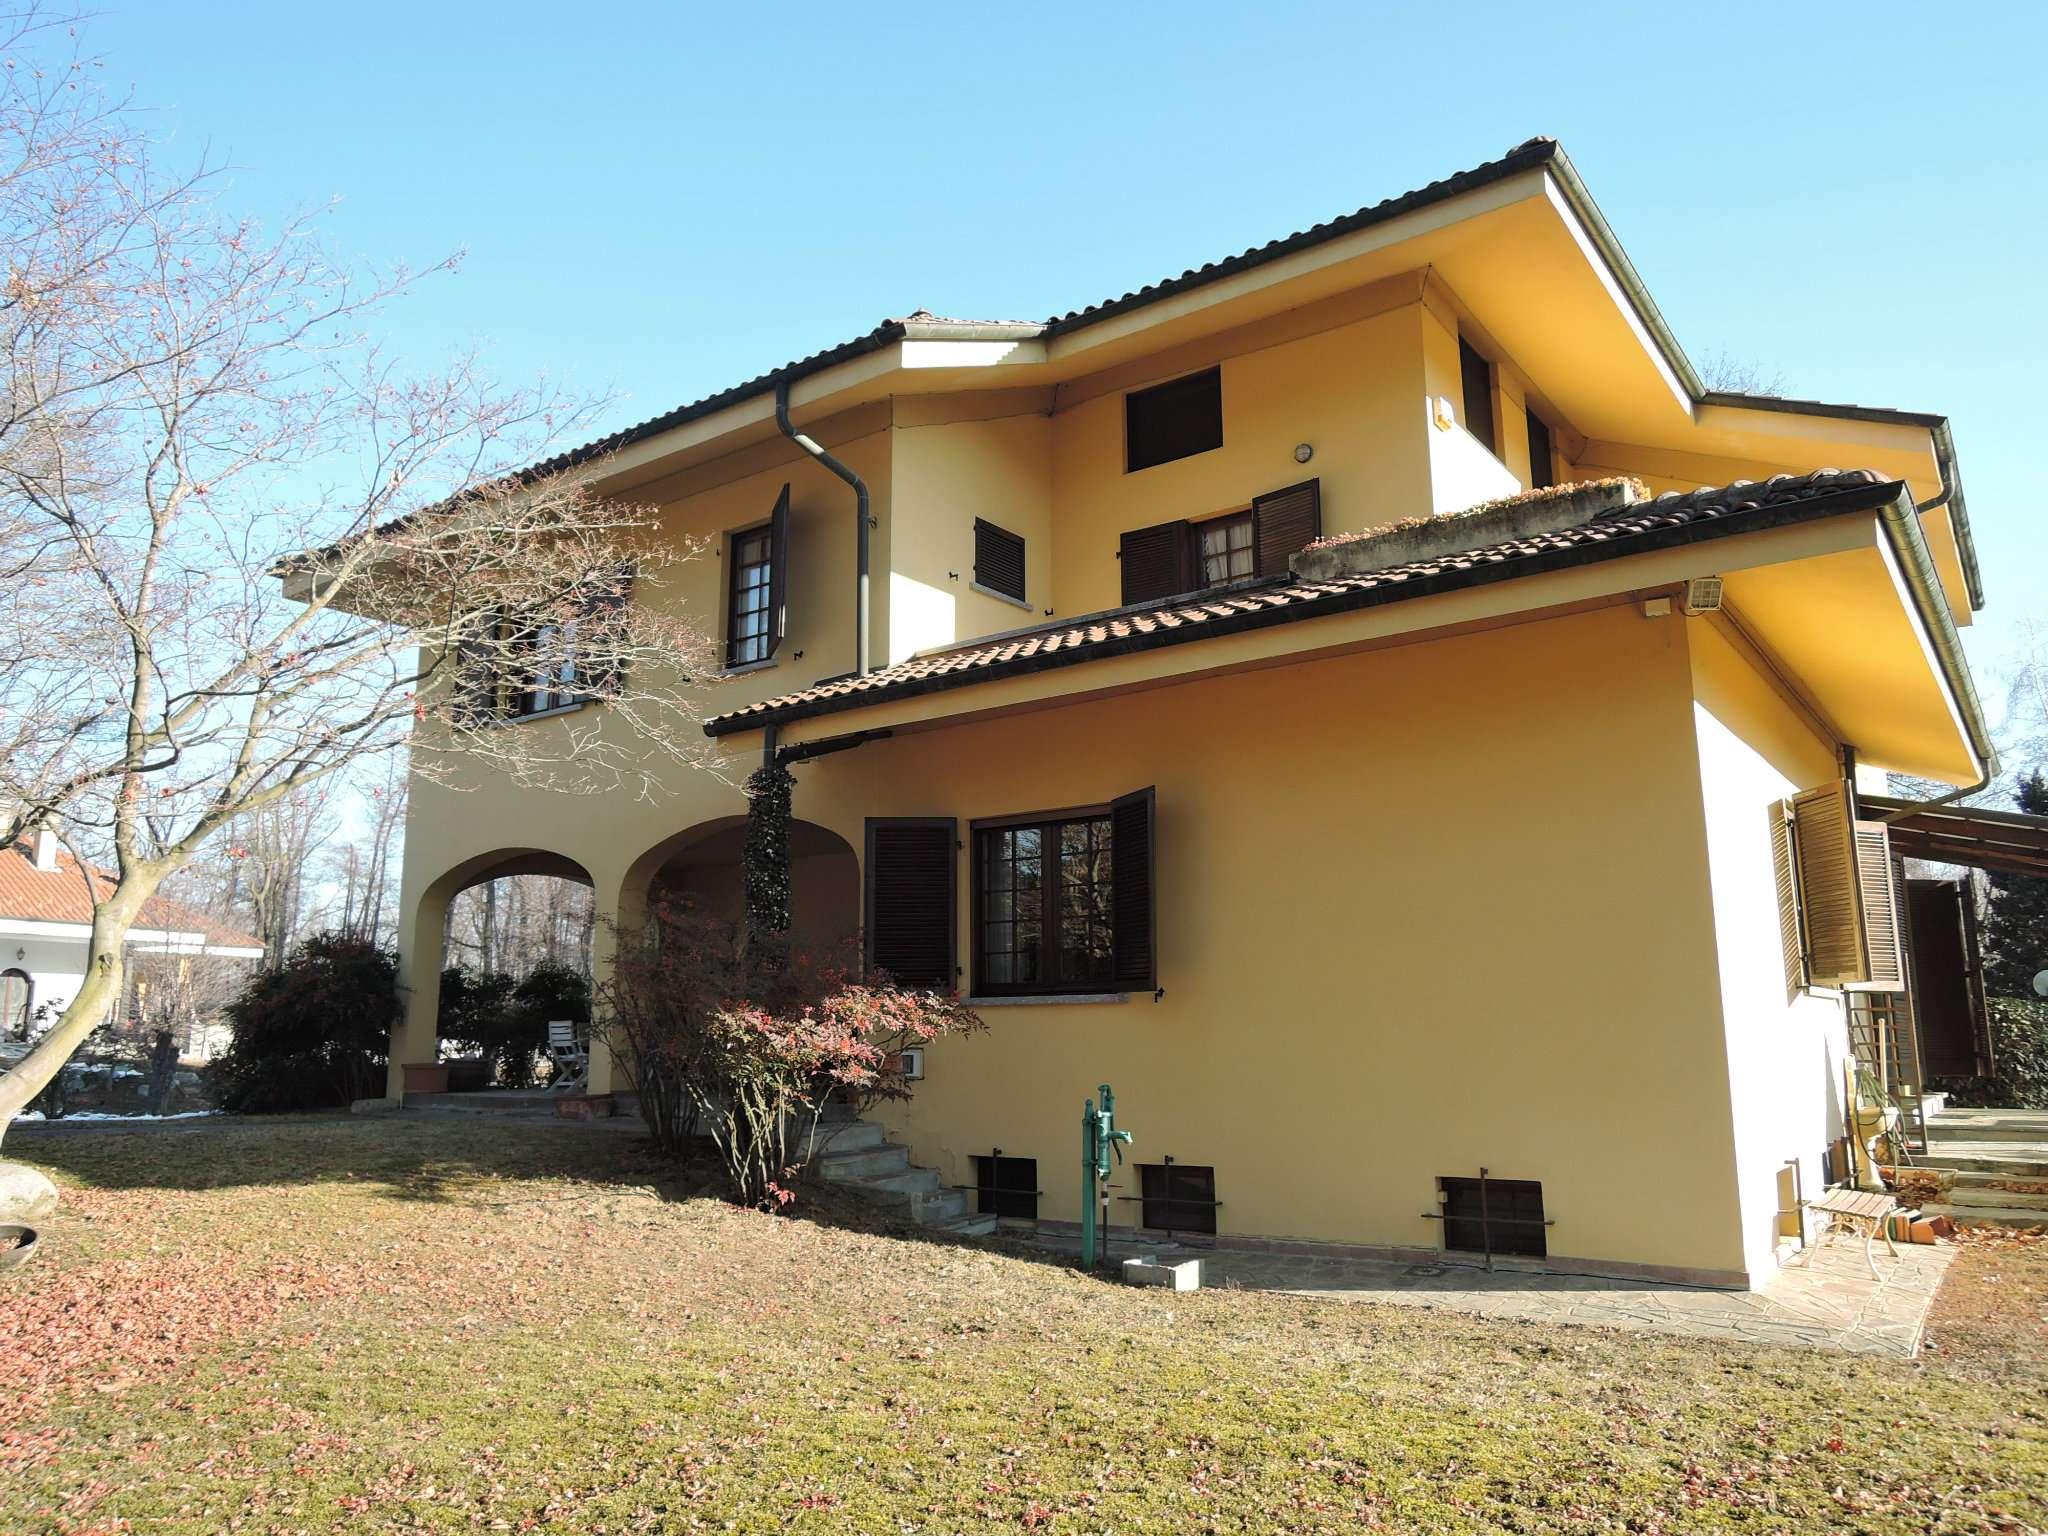 Foto 1 di Villa Unifamiliare via lago risera, Fiano